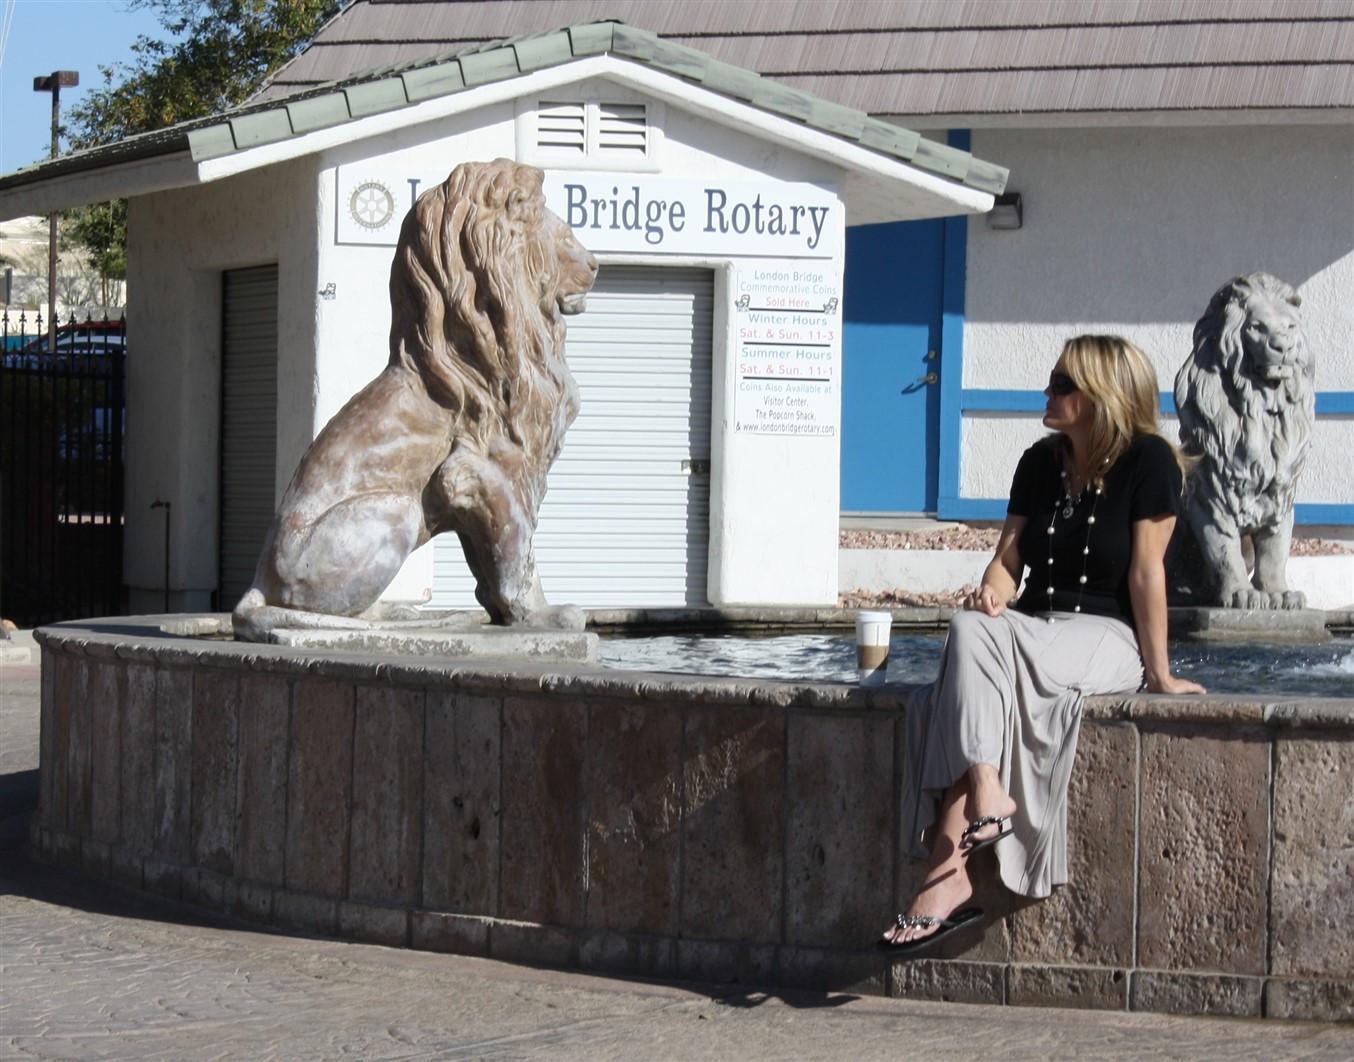 2012 03 14 Route 66 Road Trip 75 Lake Havasu City Arizona.jpg